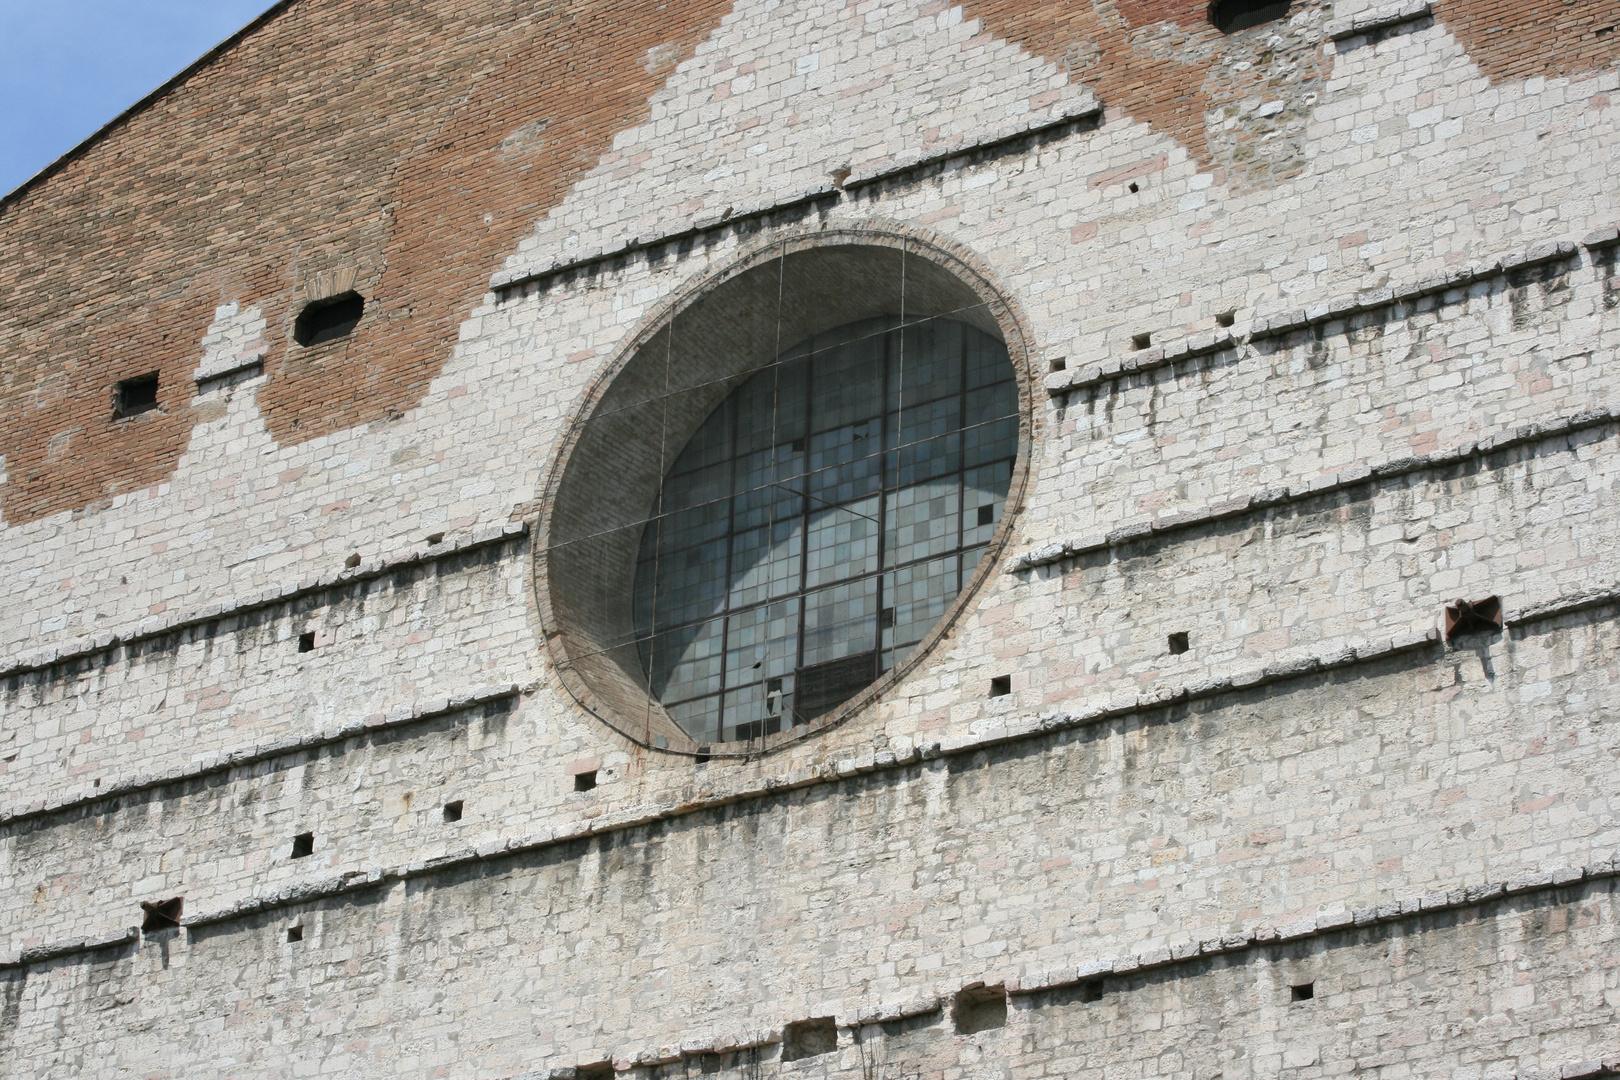 Wie sieht dieses Fenster wohl von innen aus?